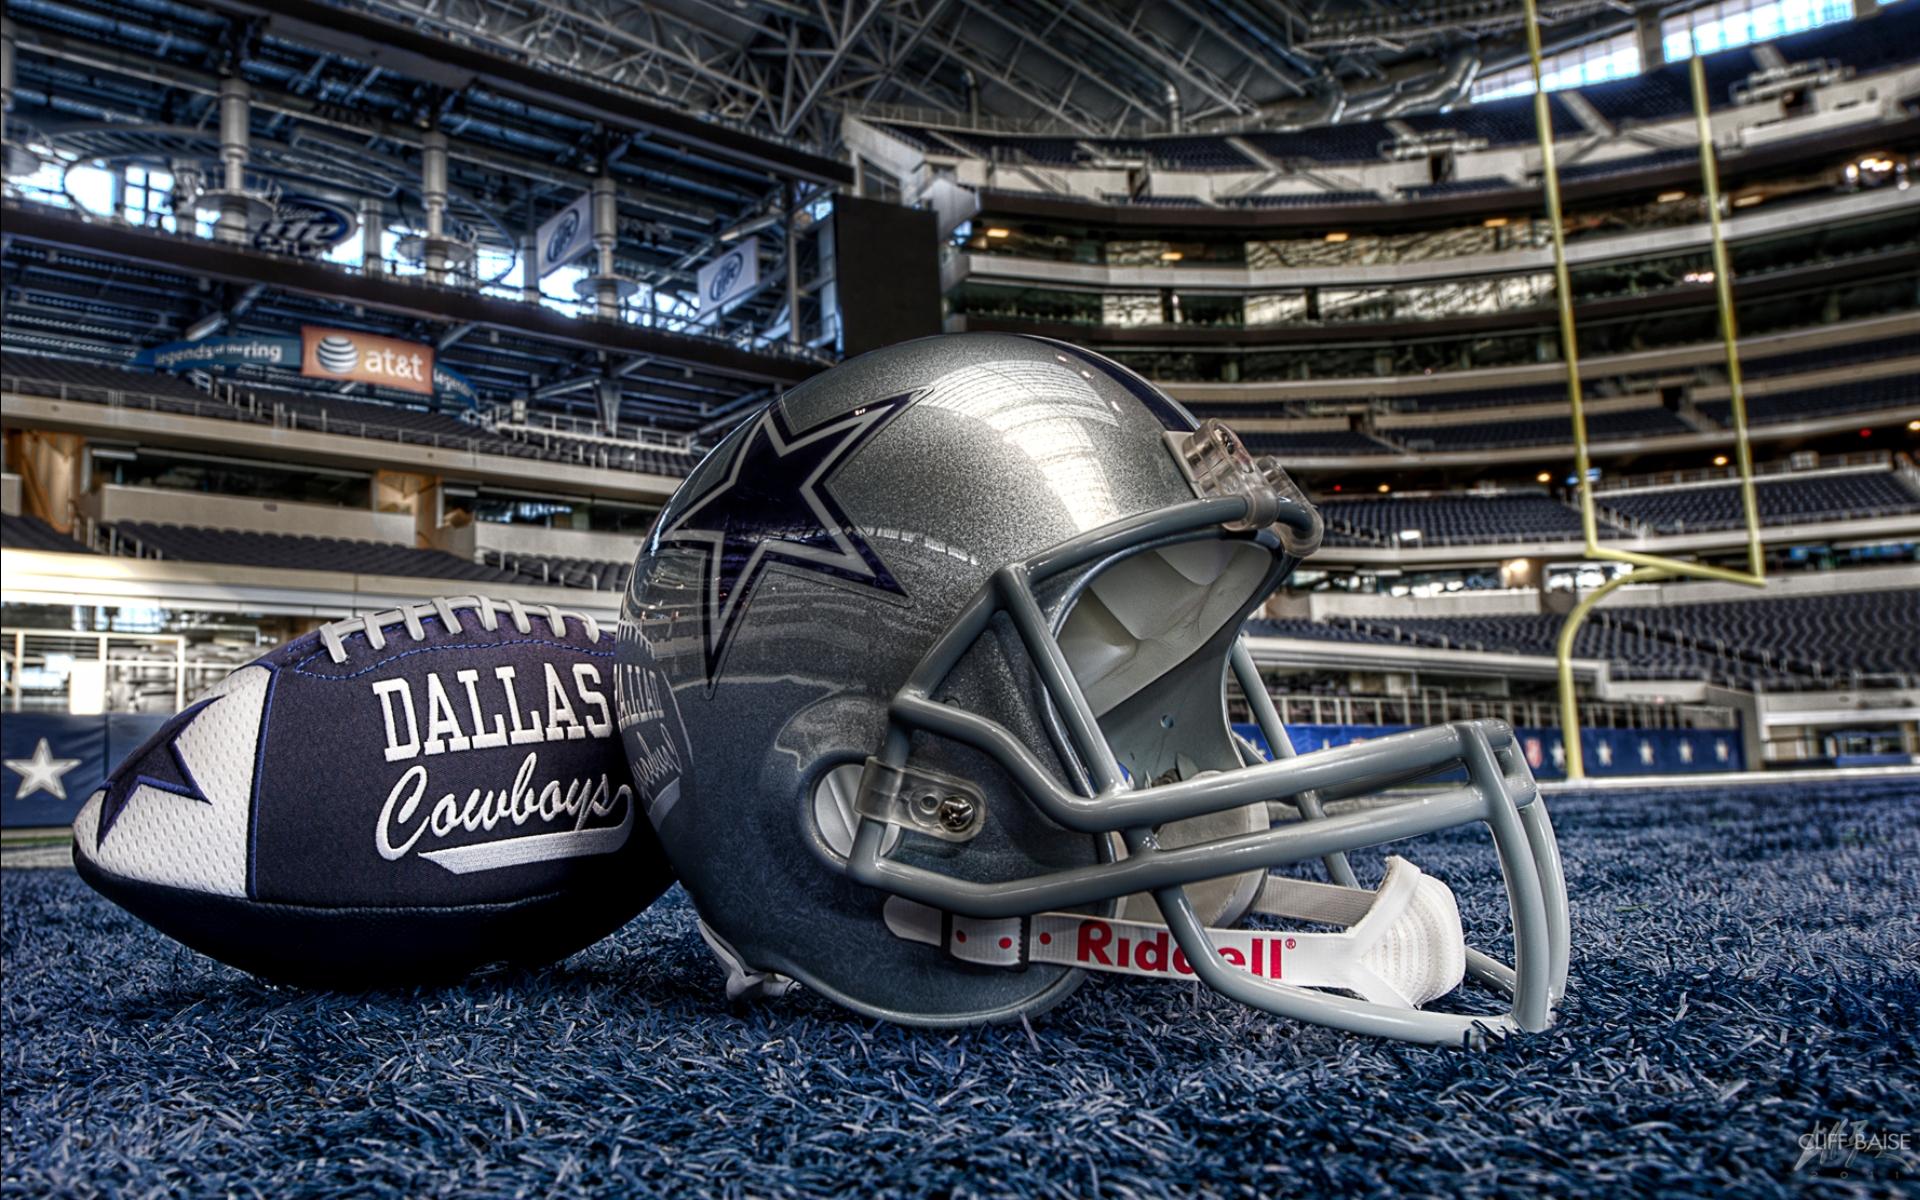 Dallas Cowboys Wallpaper Iphone 6 Plus Dallas Cowboys Fondo De Pantalla Hd Fondo De Escritorio